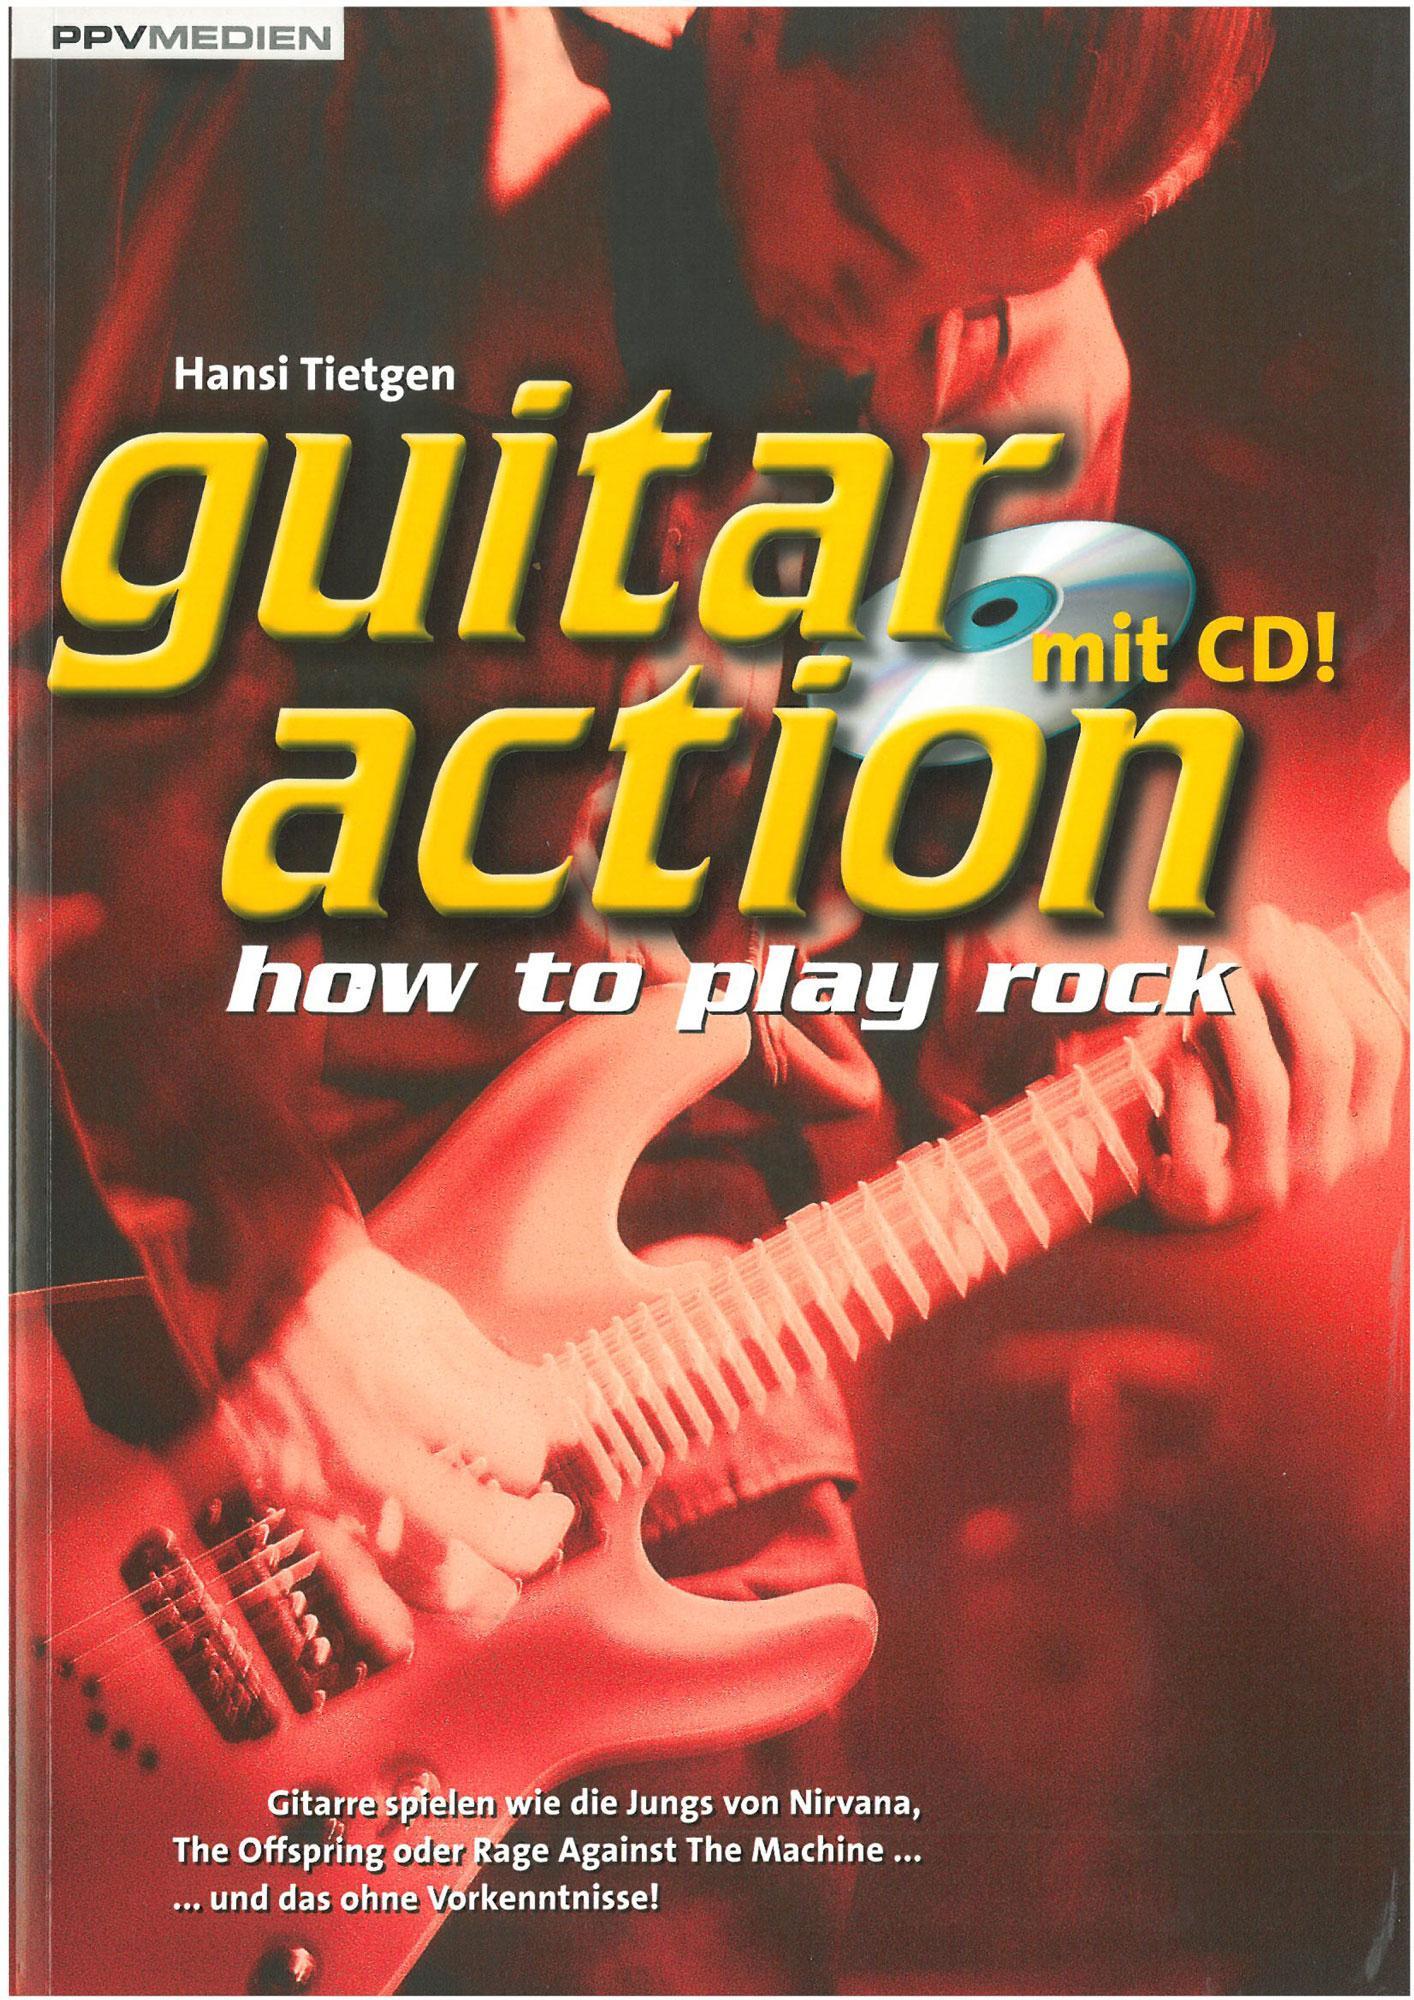 Gitarrelernen - Guitar Action mit CD - Onlineshop Musikhaus Kirstein